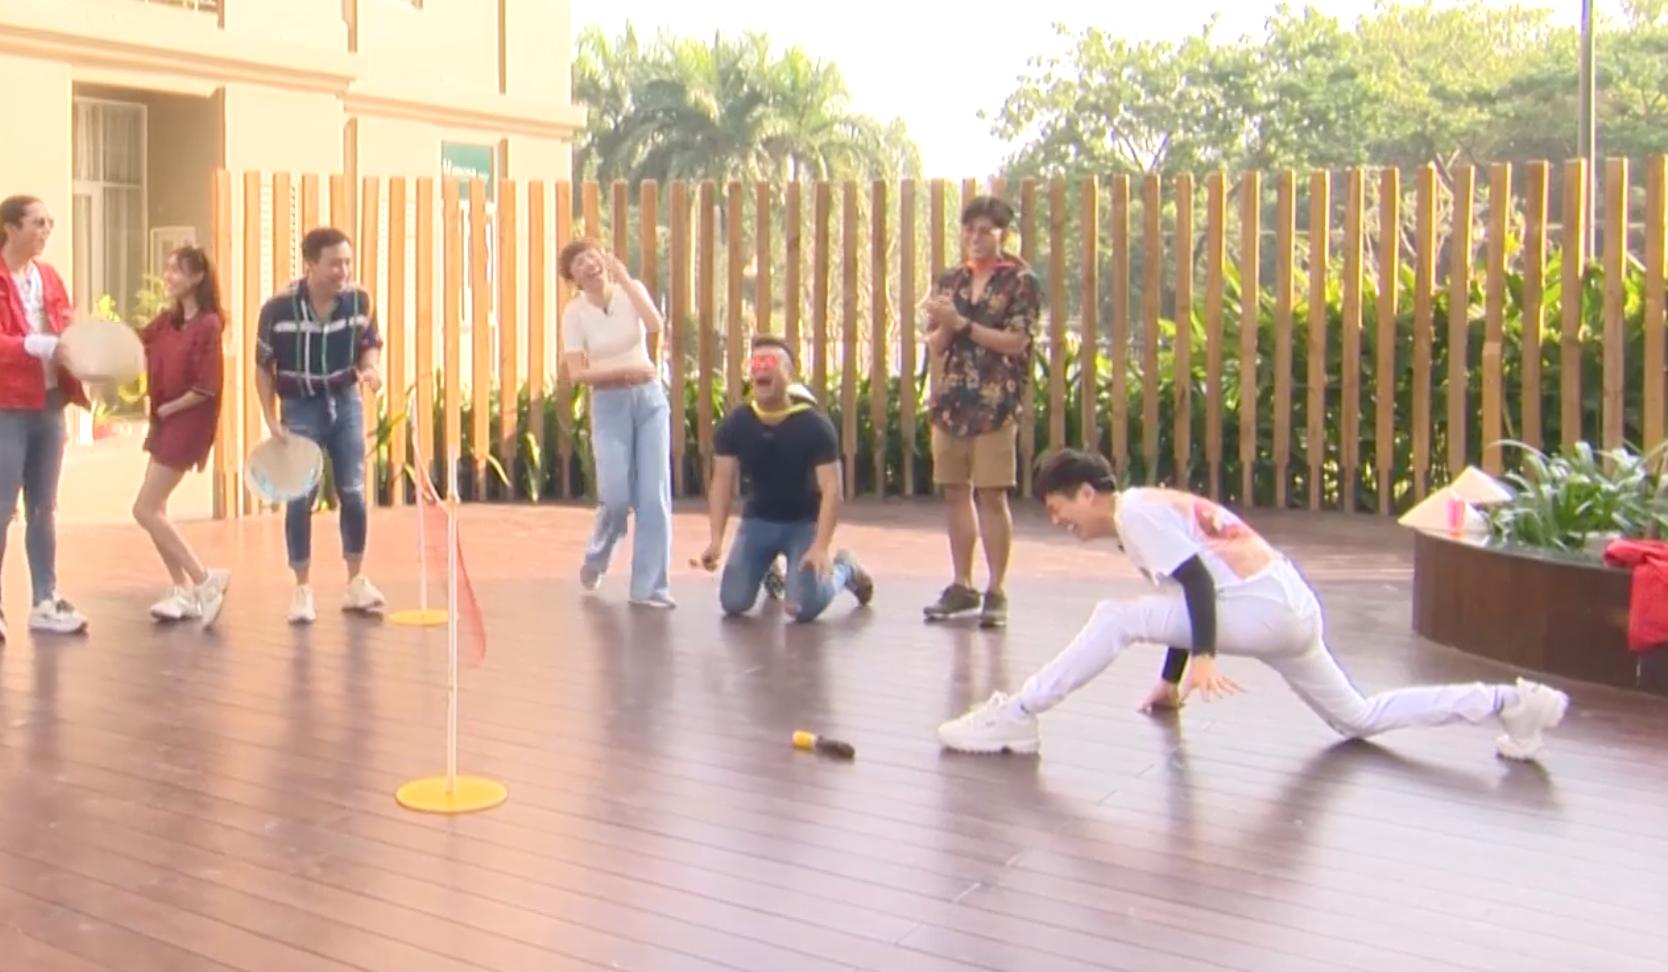 Running Man - Không lên sóng: BB Trần - Ngô Kiến Huy nhảy dựng khi bị gọi là... đồng bóng - Ảnh 5.